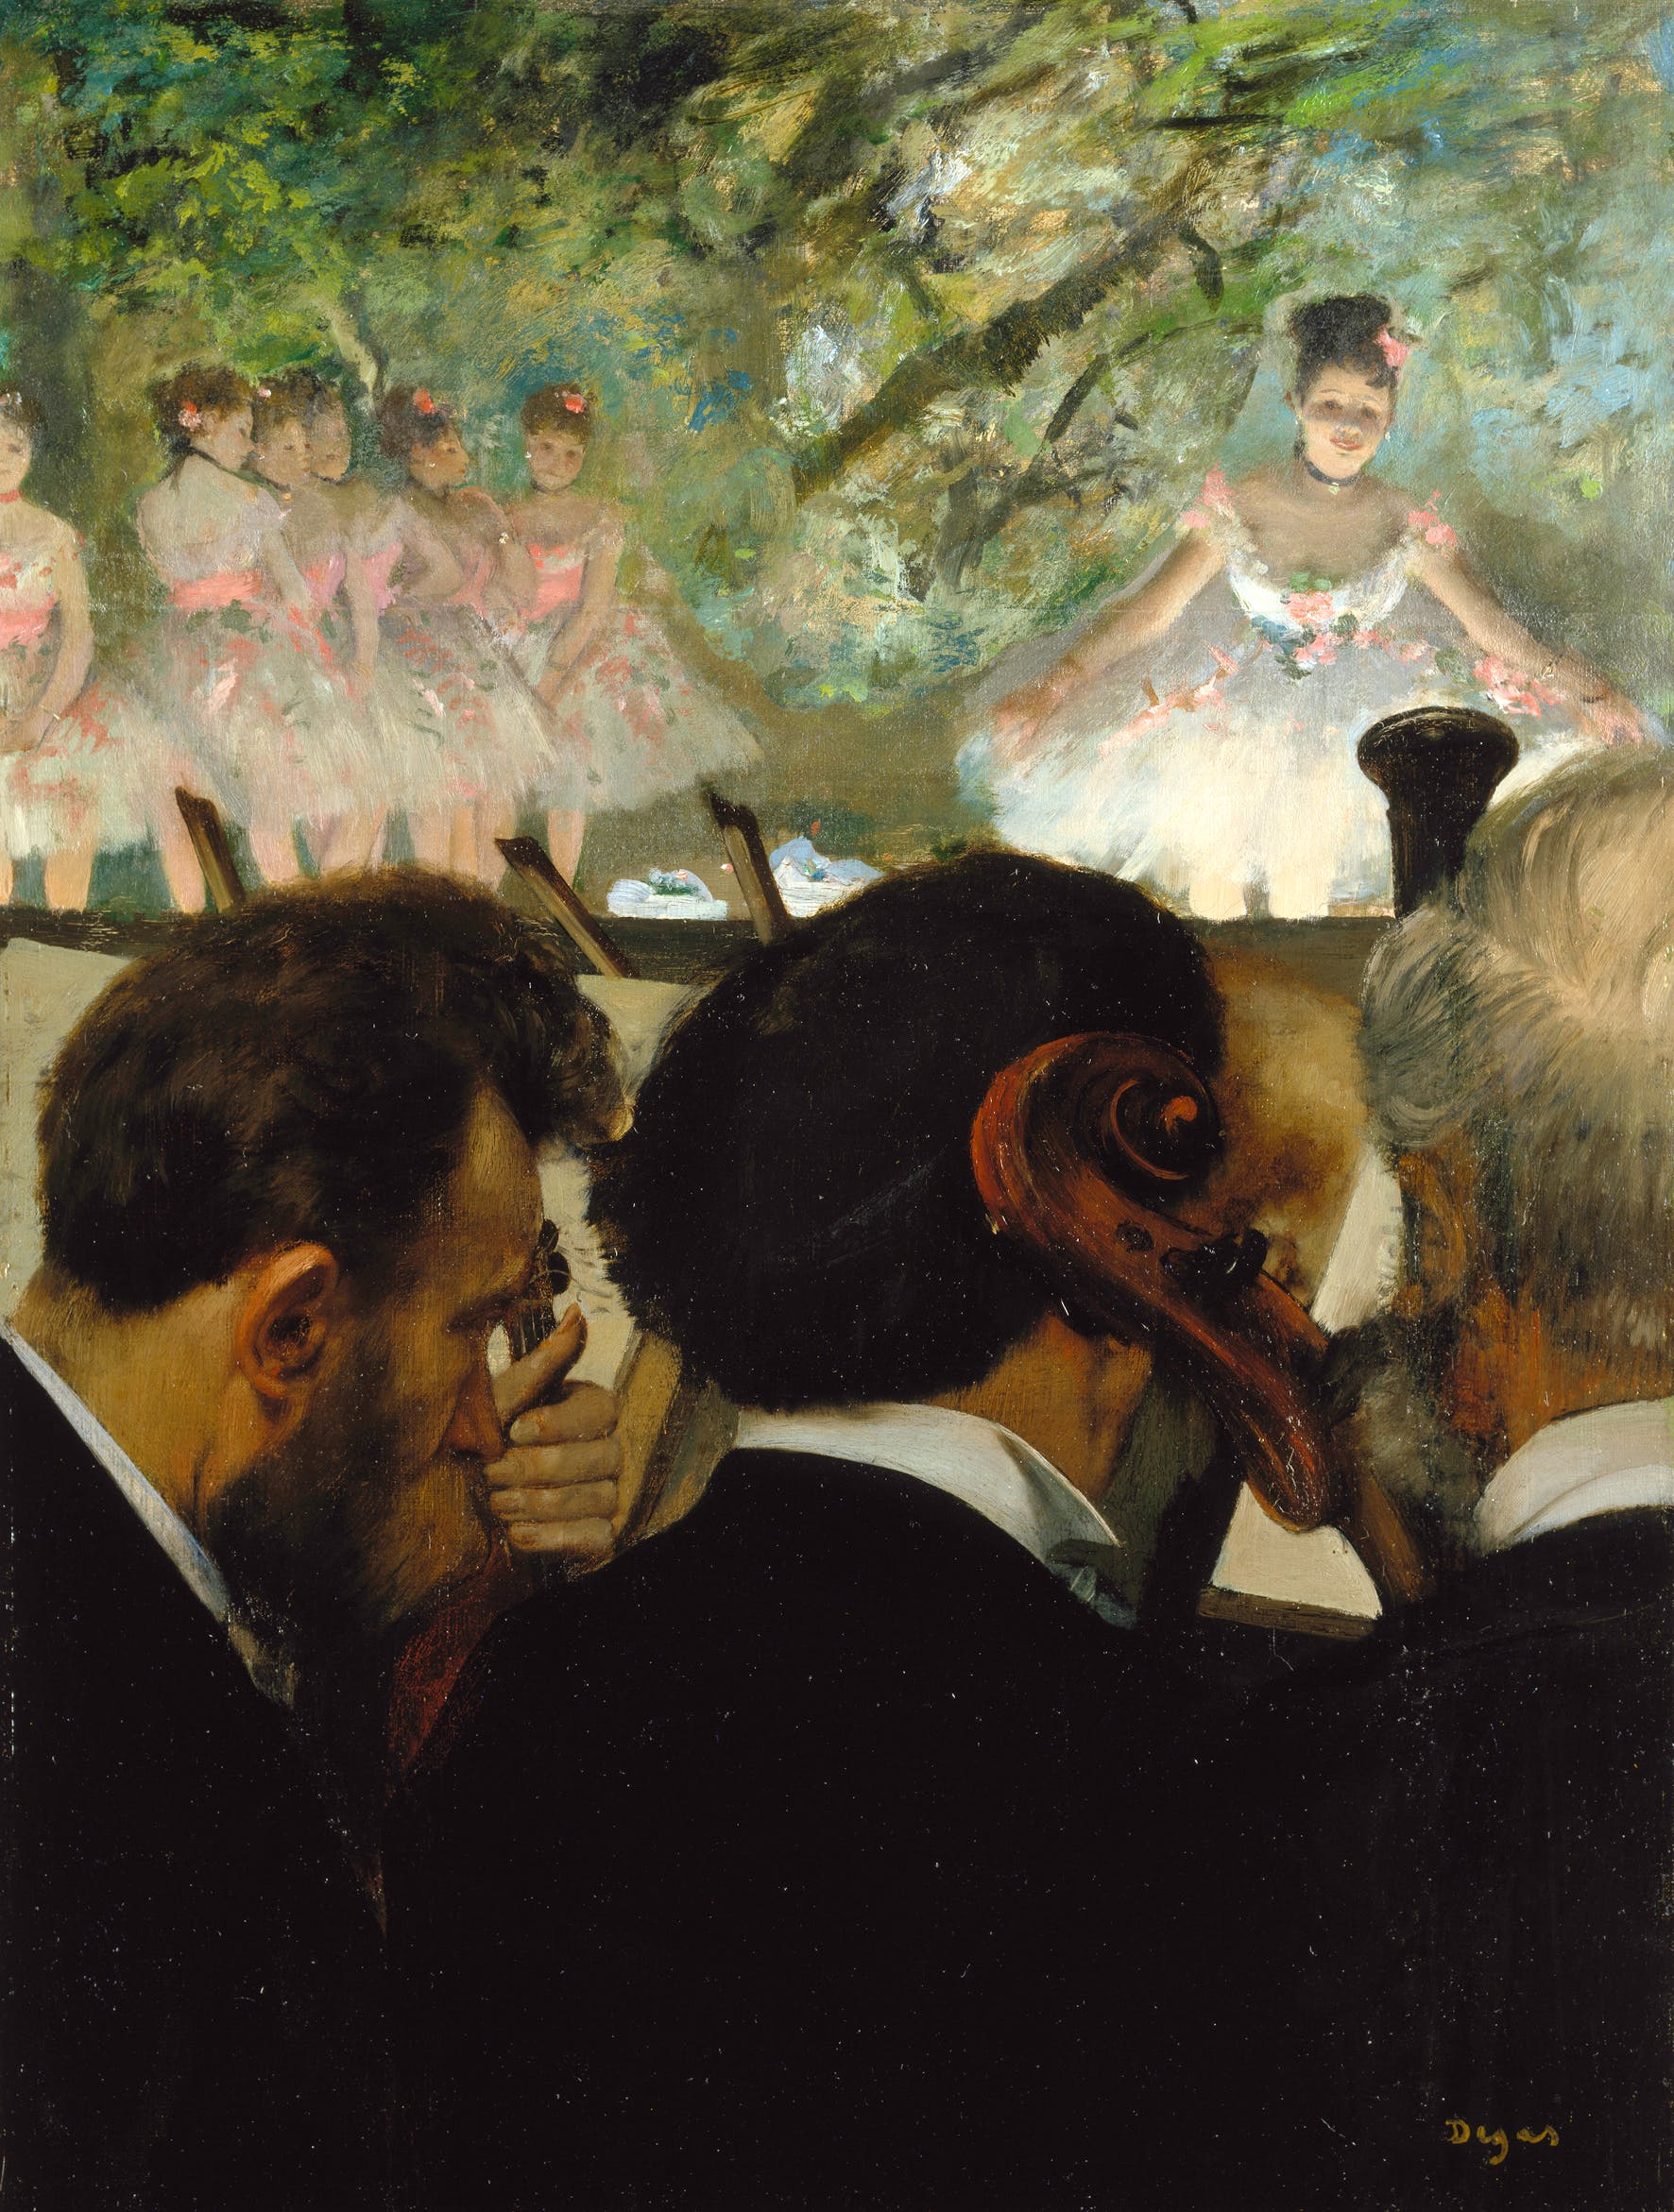 Orchestra Musicians (Musiciens à l'Orchestre), (1872), Edgar Degas